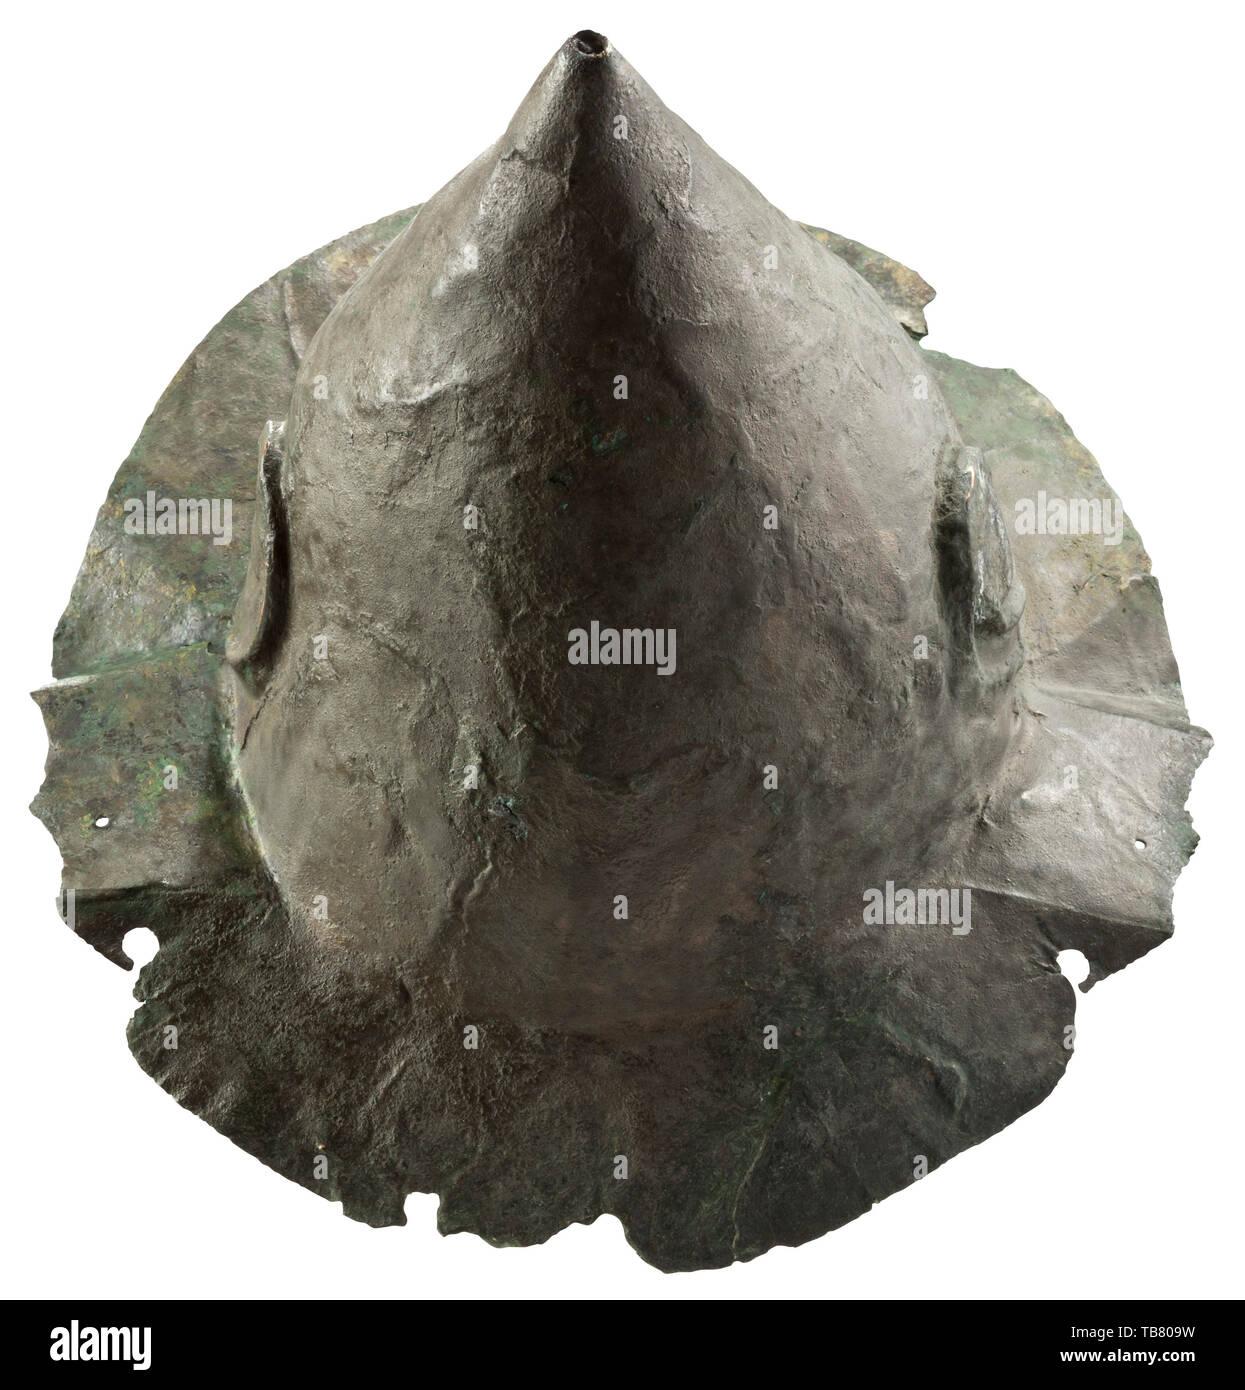 Caschi, casco greca, tipo Konos, periodo ellenistico, 2° - inizio del I secolo A.C. Additional-Rights-Clearance-Info-Not-Available Immagini Stock